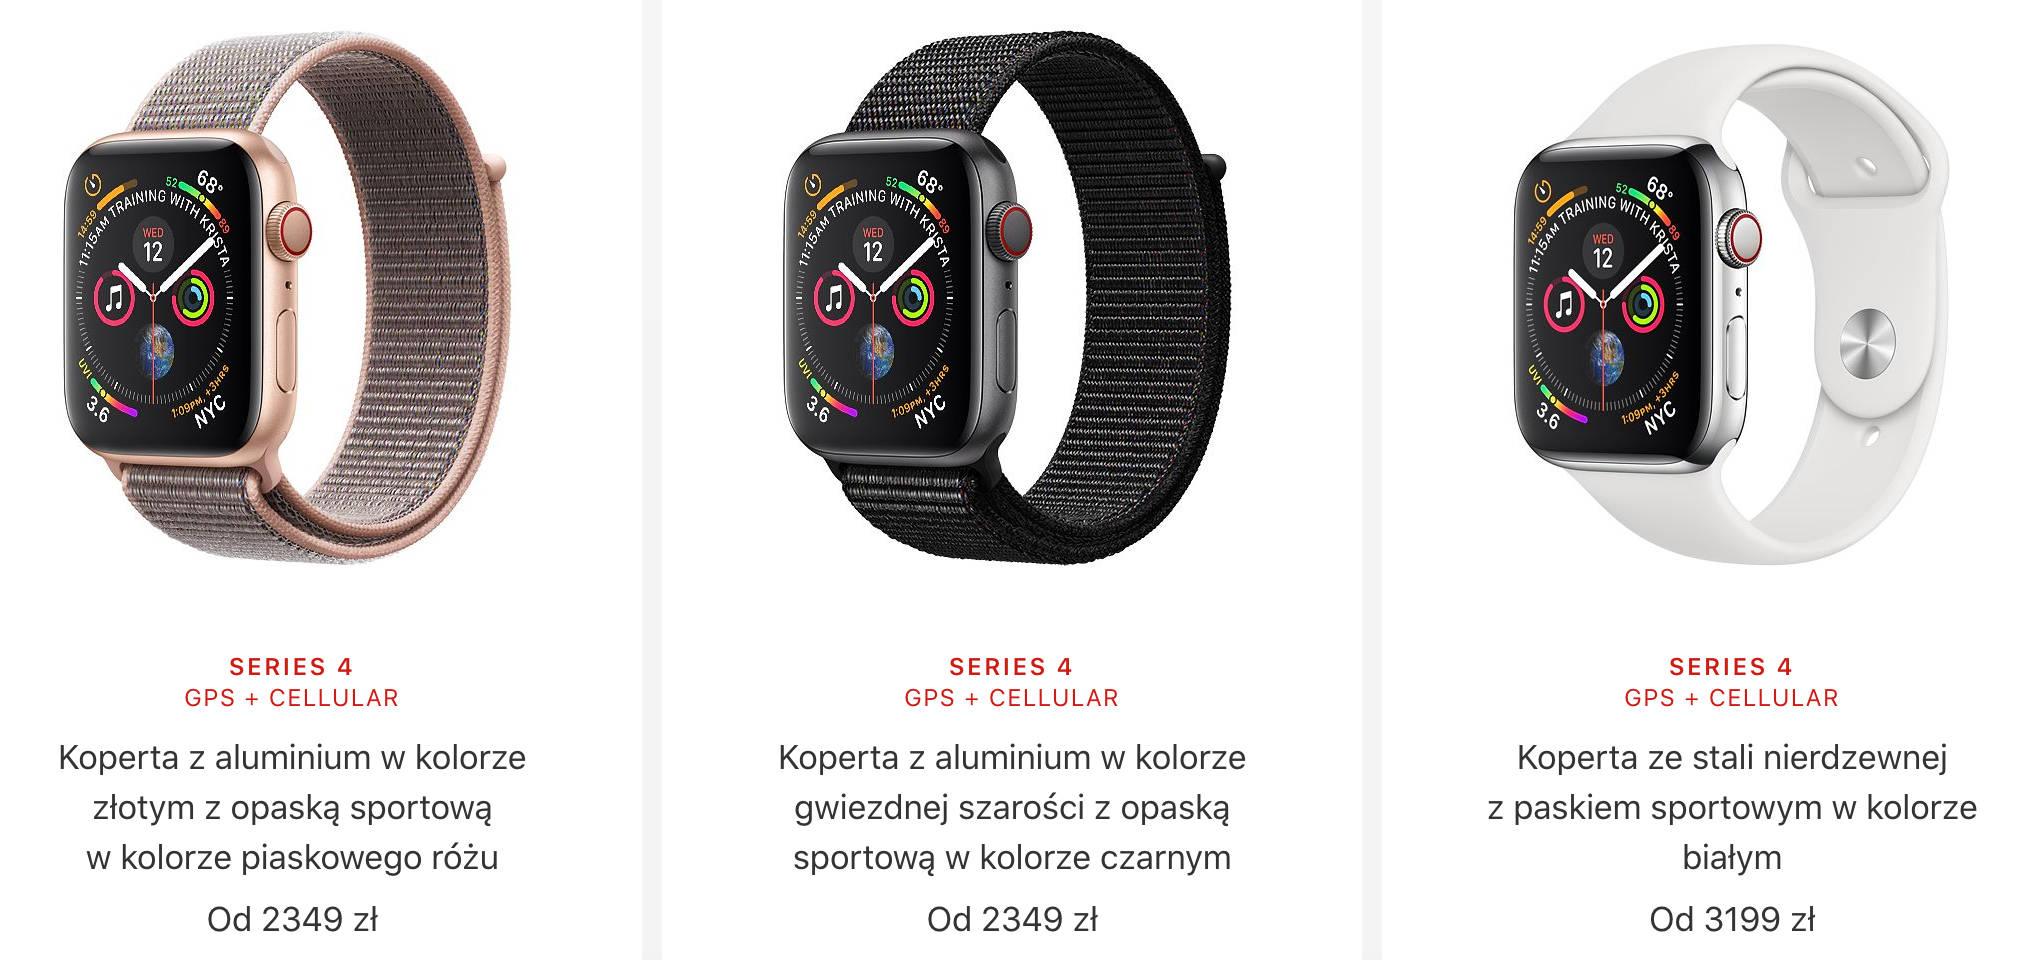 Apple Watch 4 3 LTE cena przedsprzedaż gdzie kupić najtaniej w Polsce opinie eSIM Orange